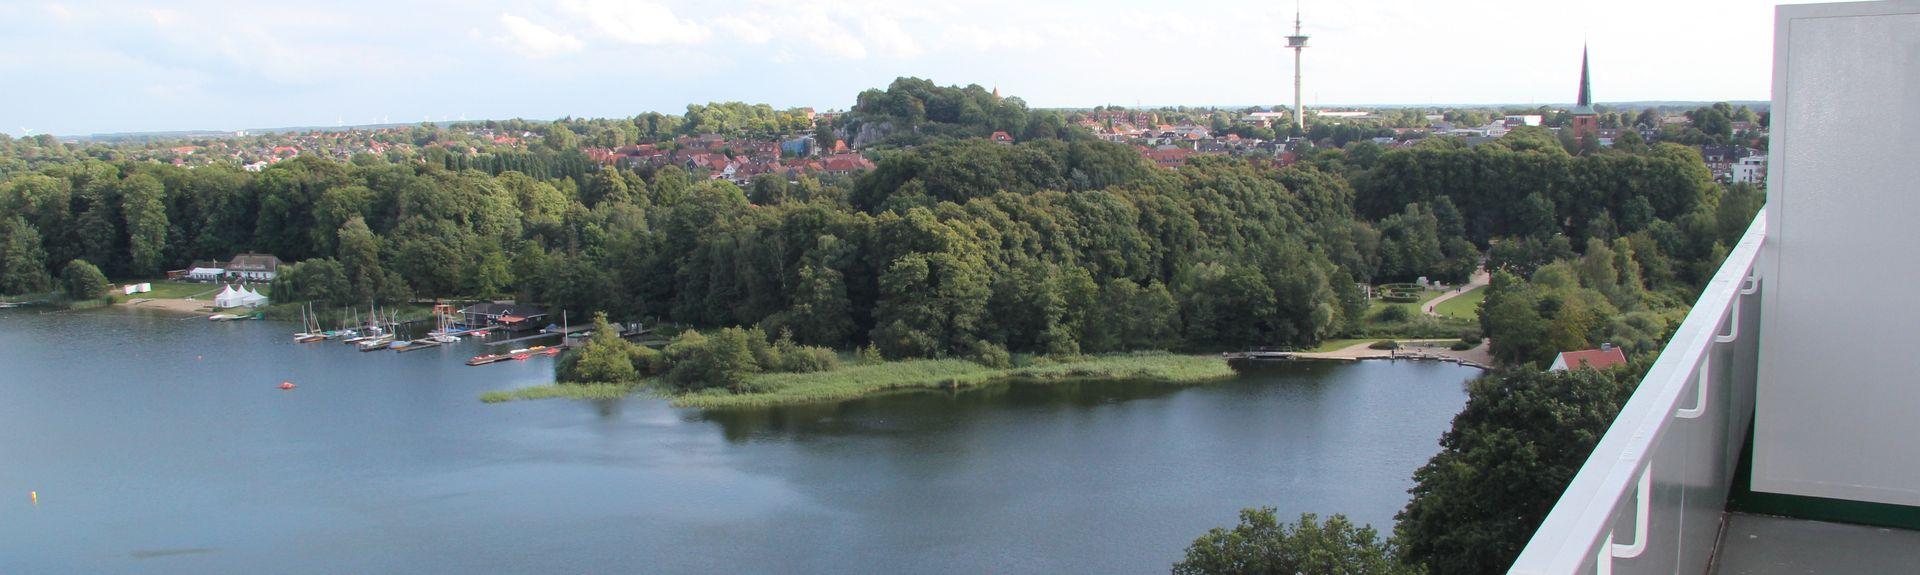 Buchholz, Schleswig-Holstein, Germany